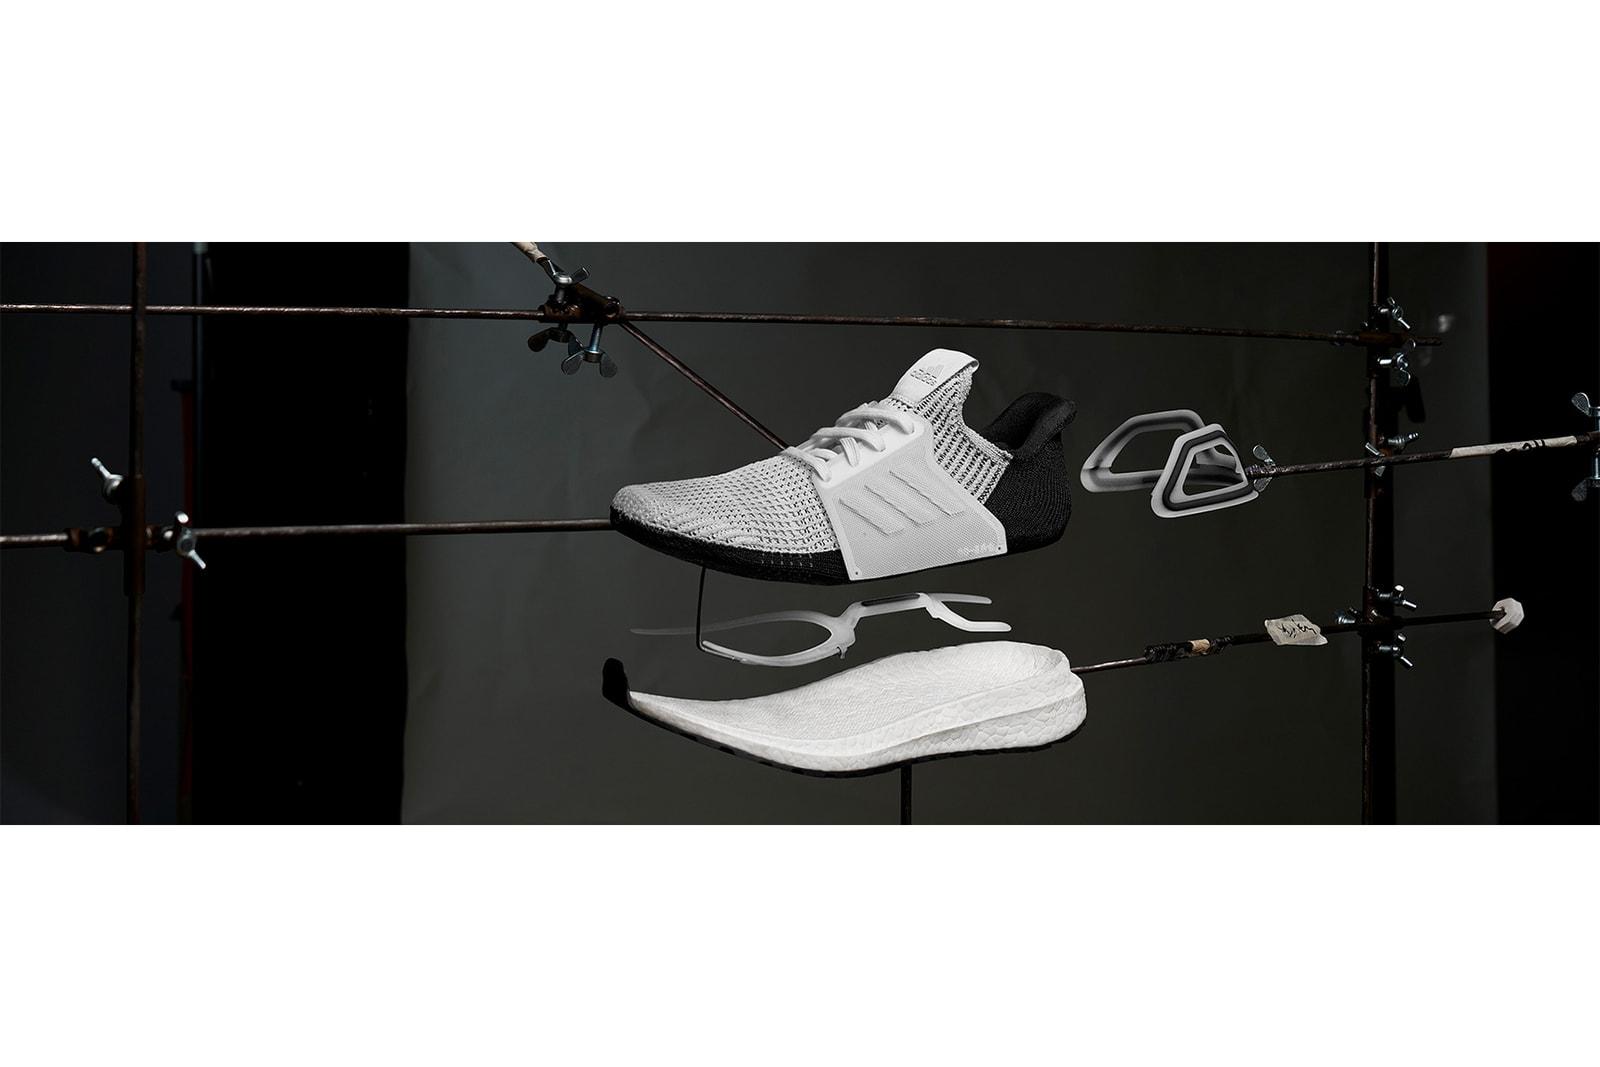 """adidas が総力を上げて再構築した UltraBoost 19 の2ndモデル """"Dark Pixel"""" が遂にリリース スニーカー史を塗り替える渾身の一足が万能カラーを纏って登場 adidas アディダス ウルトラブースト hypebeast HYPEBEAST ハイプビースト"""